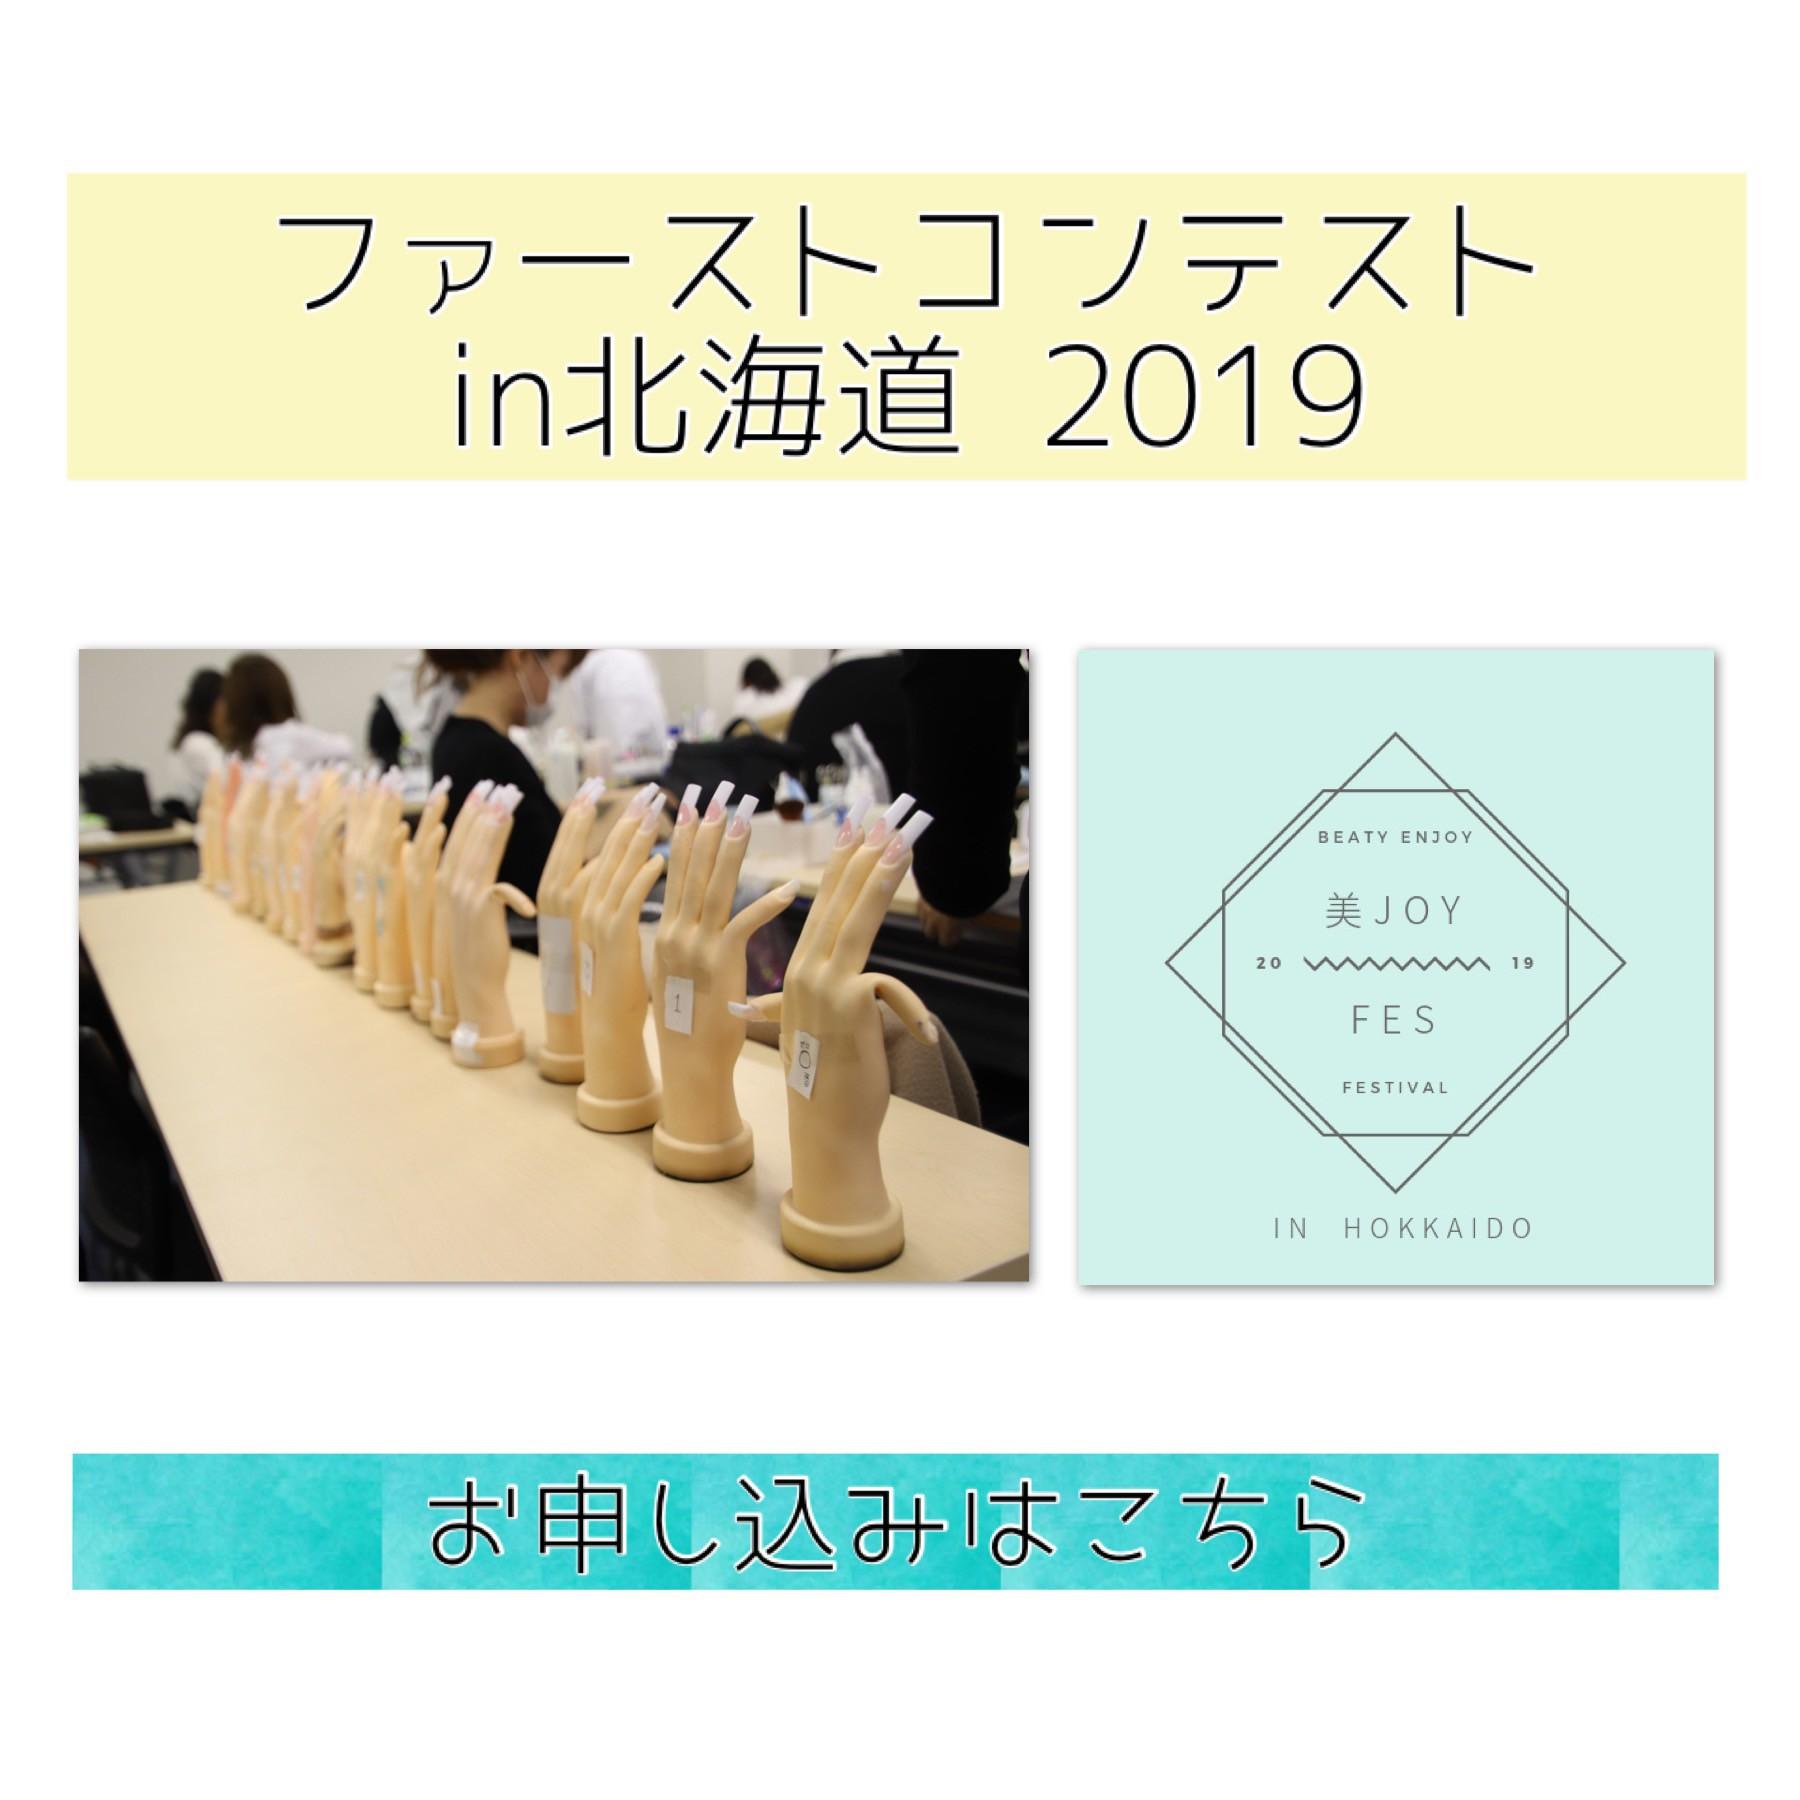 【お申込み】美joy.fes &ファーストコンテスト2019